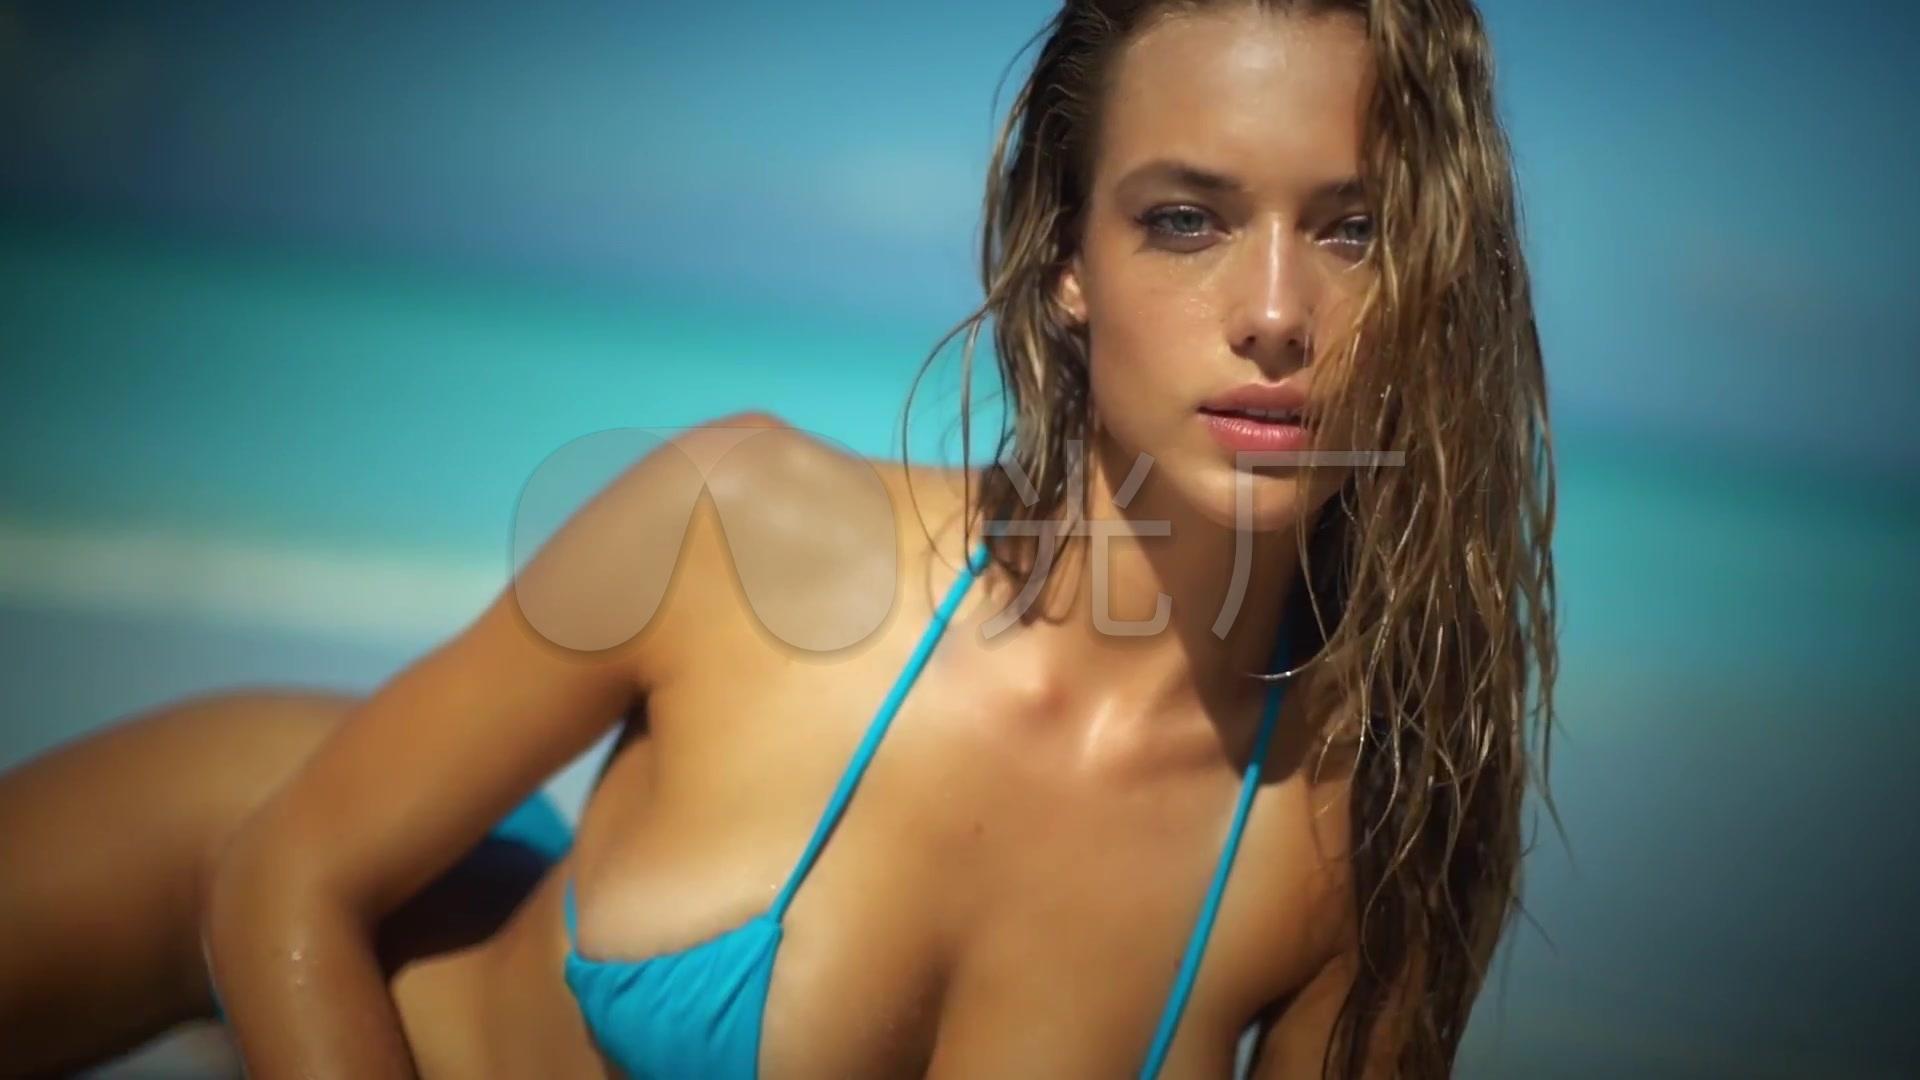 金发比基尼美女沙滩写真_1920x1080_高清视频素材下载